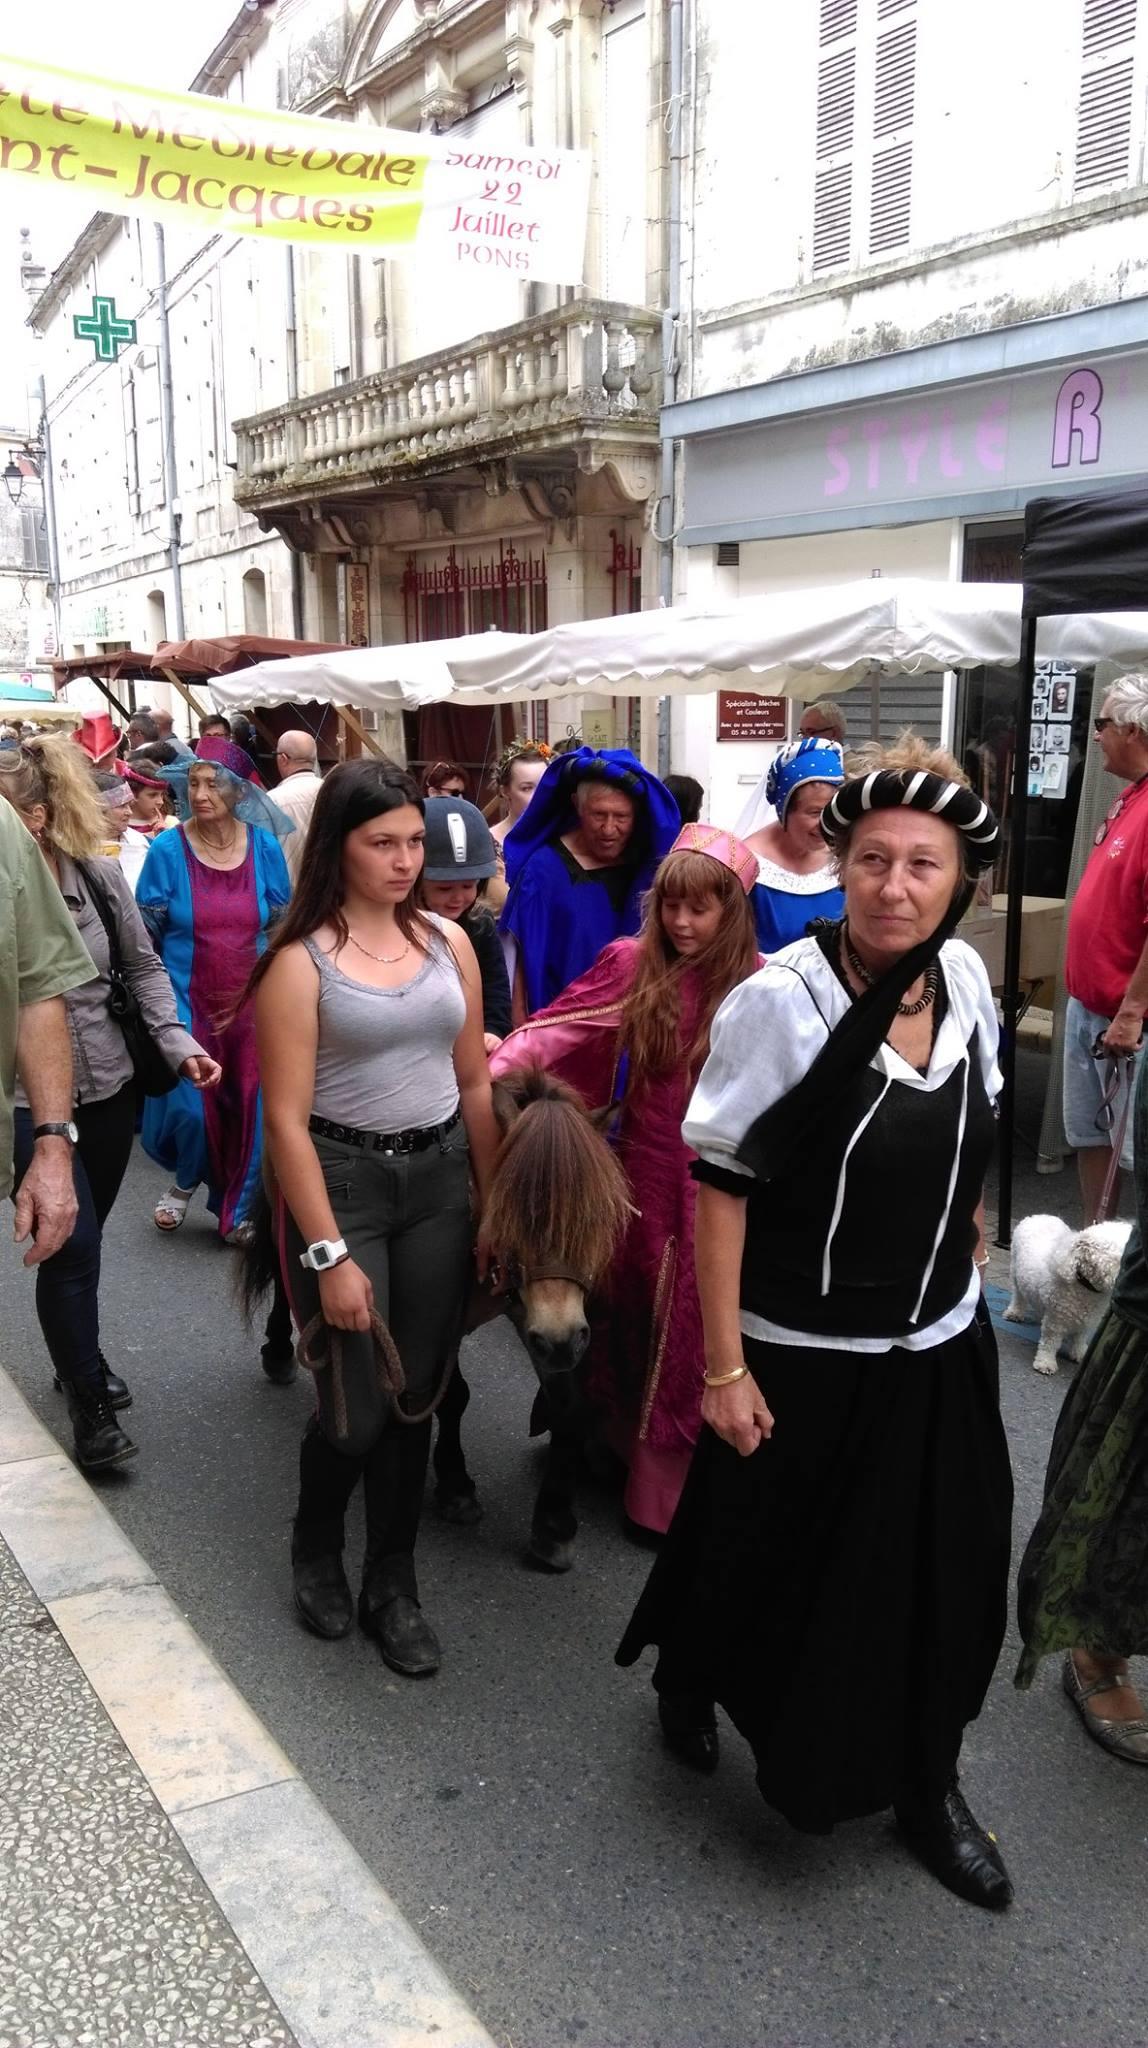 Fête Médiévale Pons 2017 - Défilé rue Emile Combes (11)